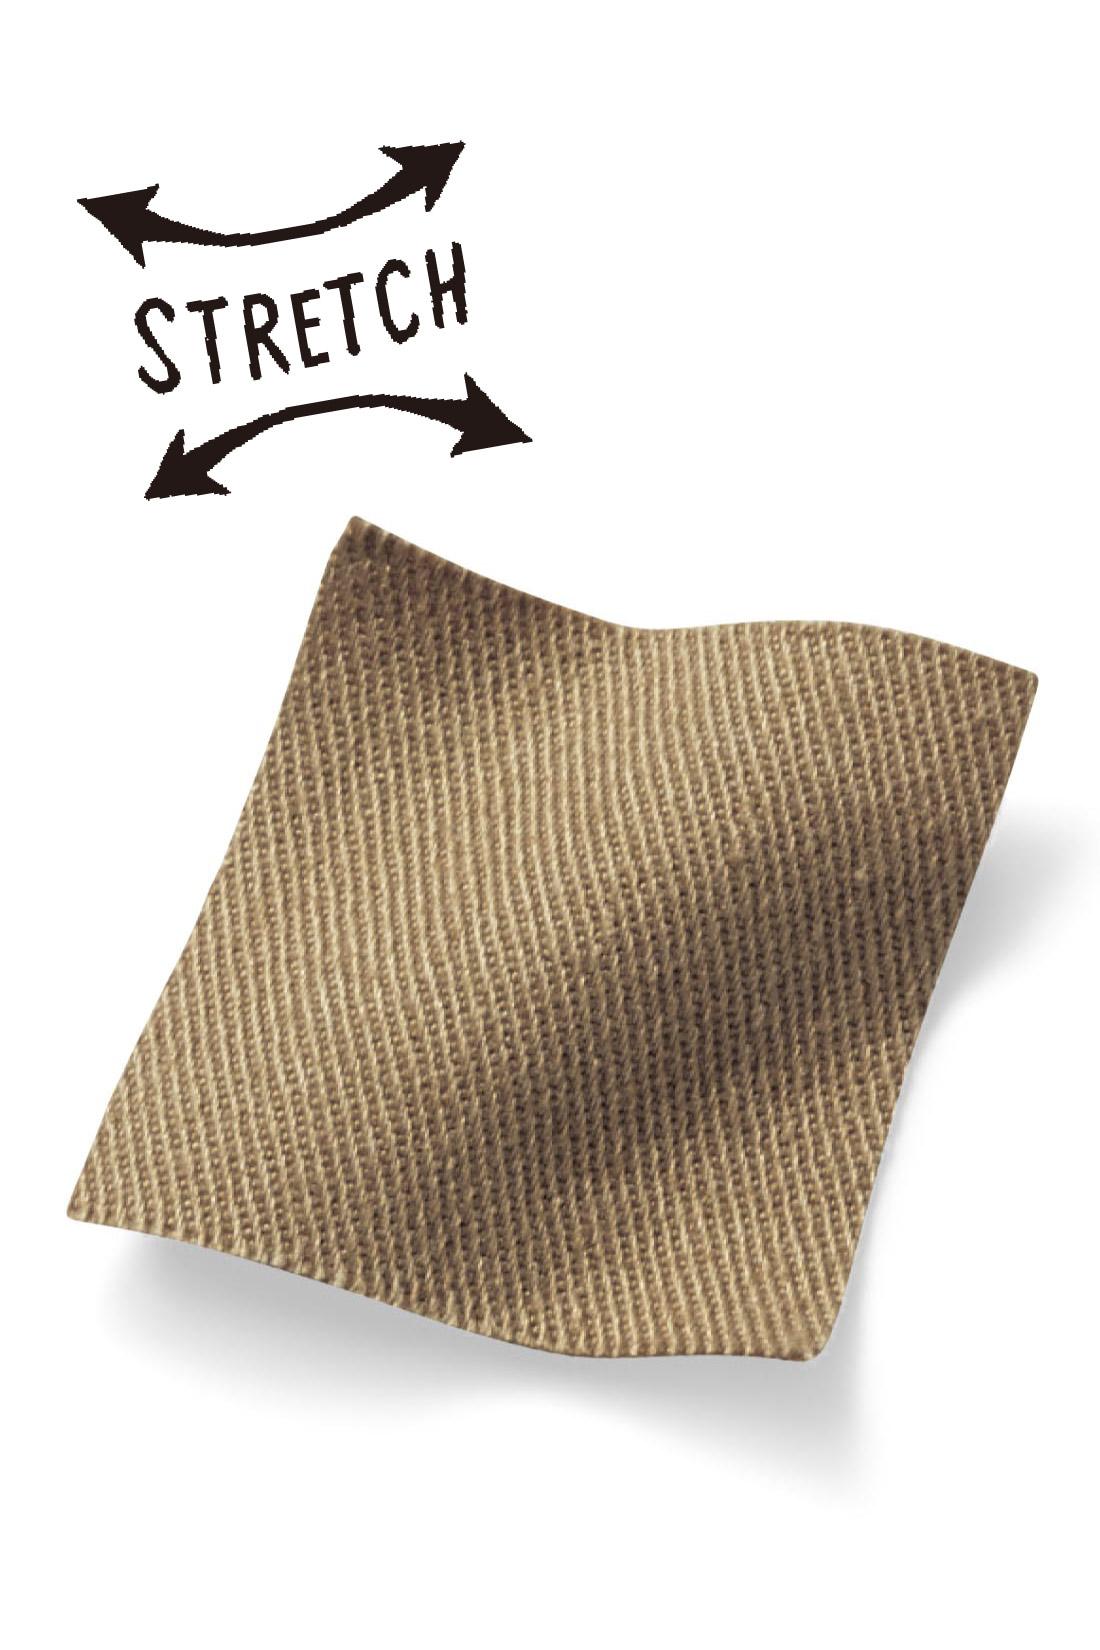 伸びやかなストレッチツイル素材。座ったりしゃがんだり、たくさん動く日も快適です。※お届けするカラーとは異なります。